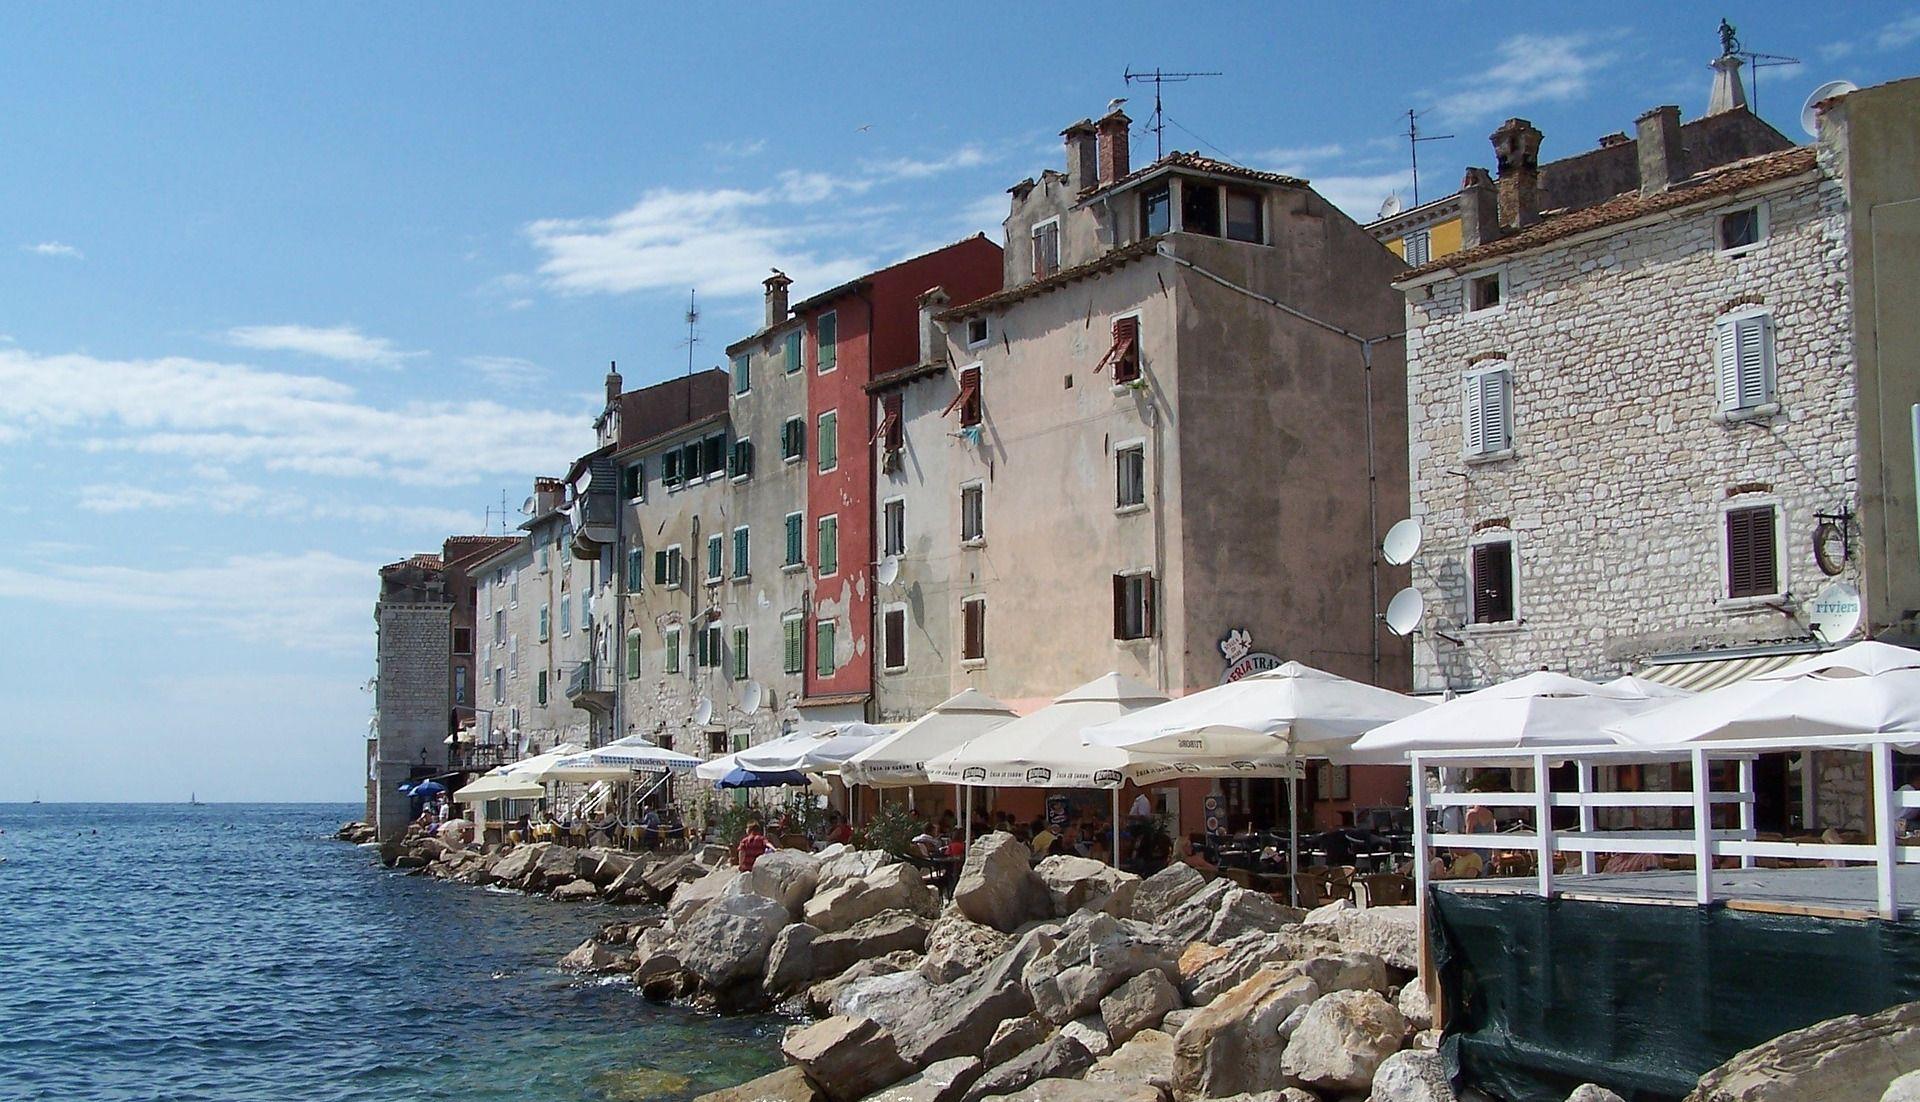 TRI MILIJUNA GOSTIJU, 20 MLIJUNA NOĆENJA Rekordni rezultati istarskog turizma